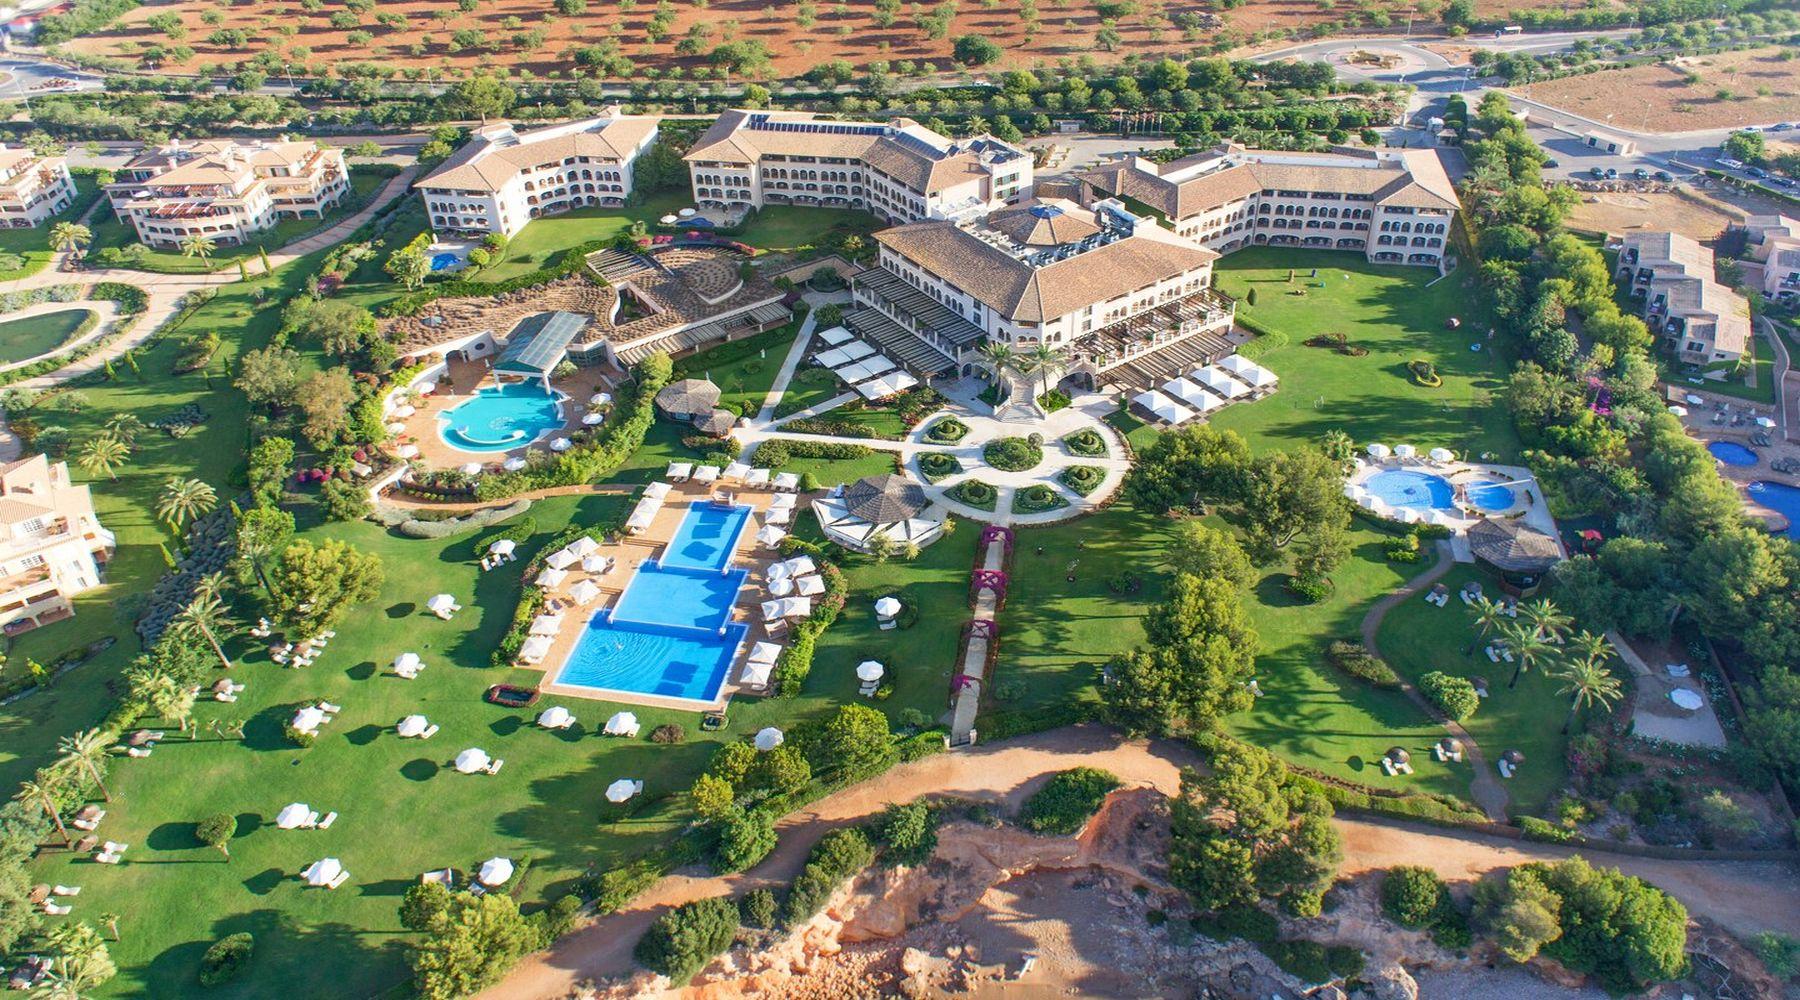 St. Regis Mardavall Resort, Majorka